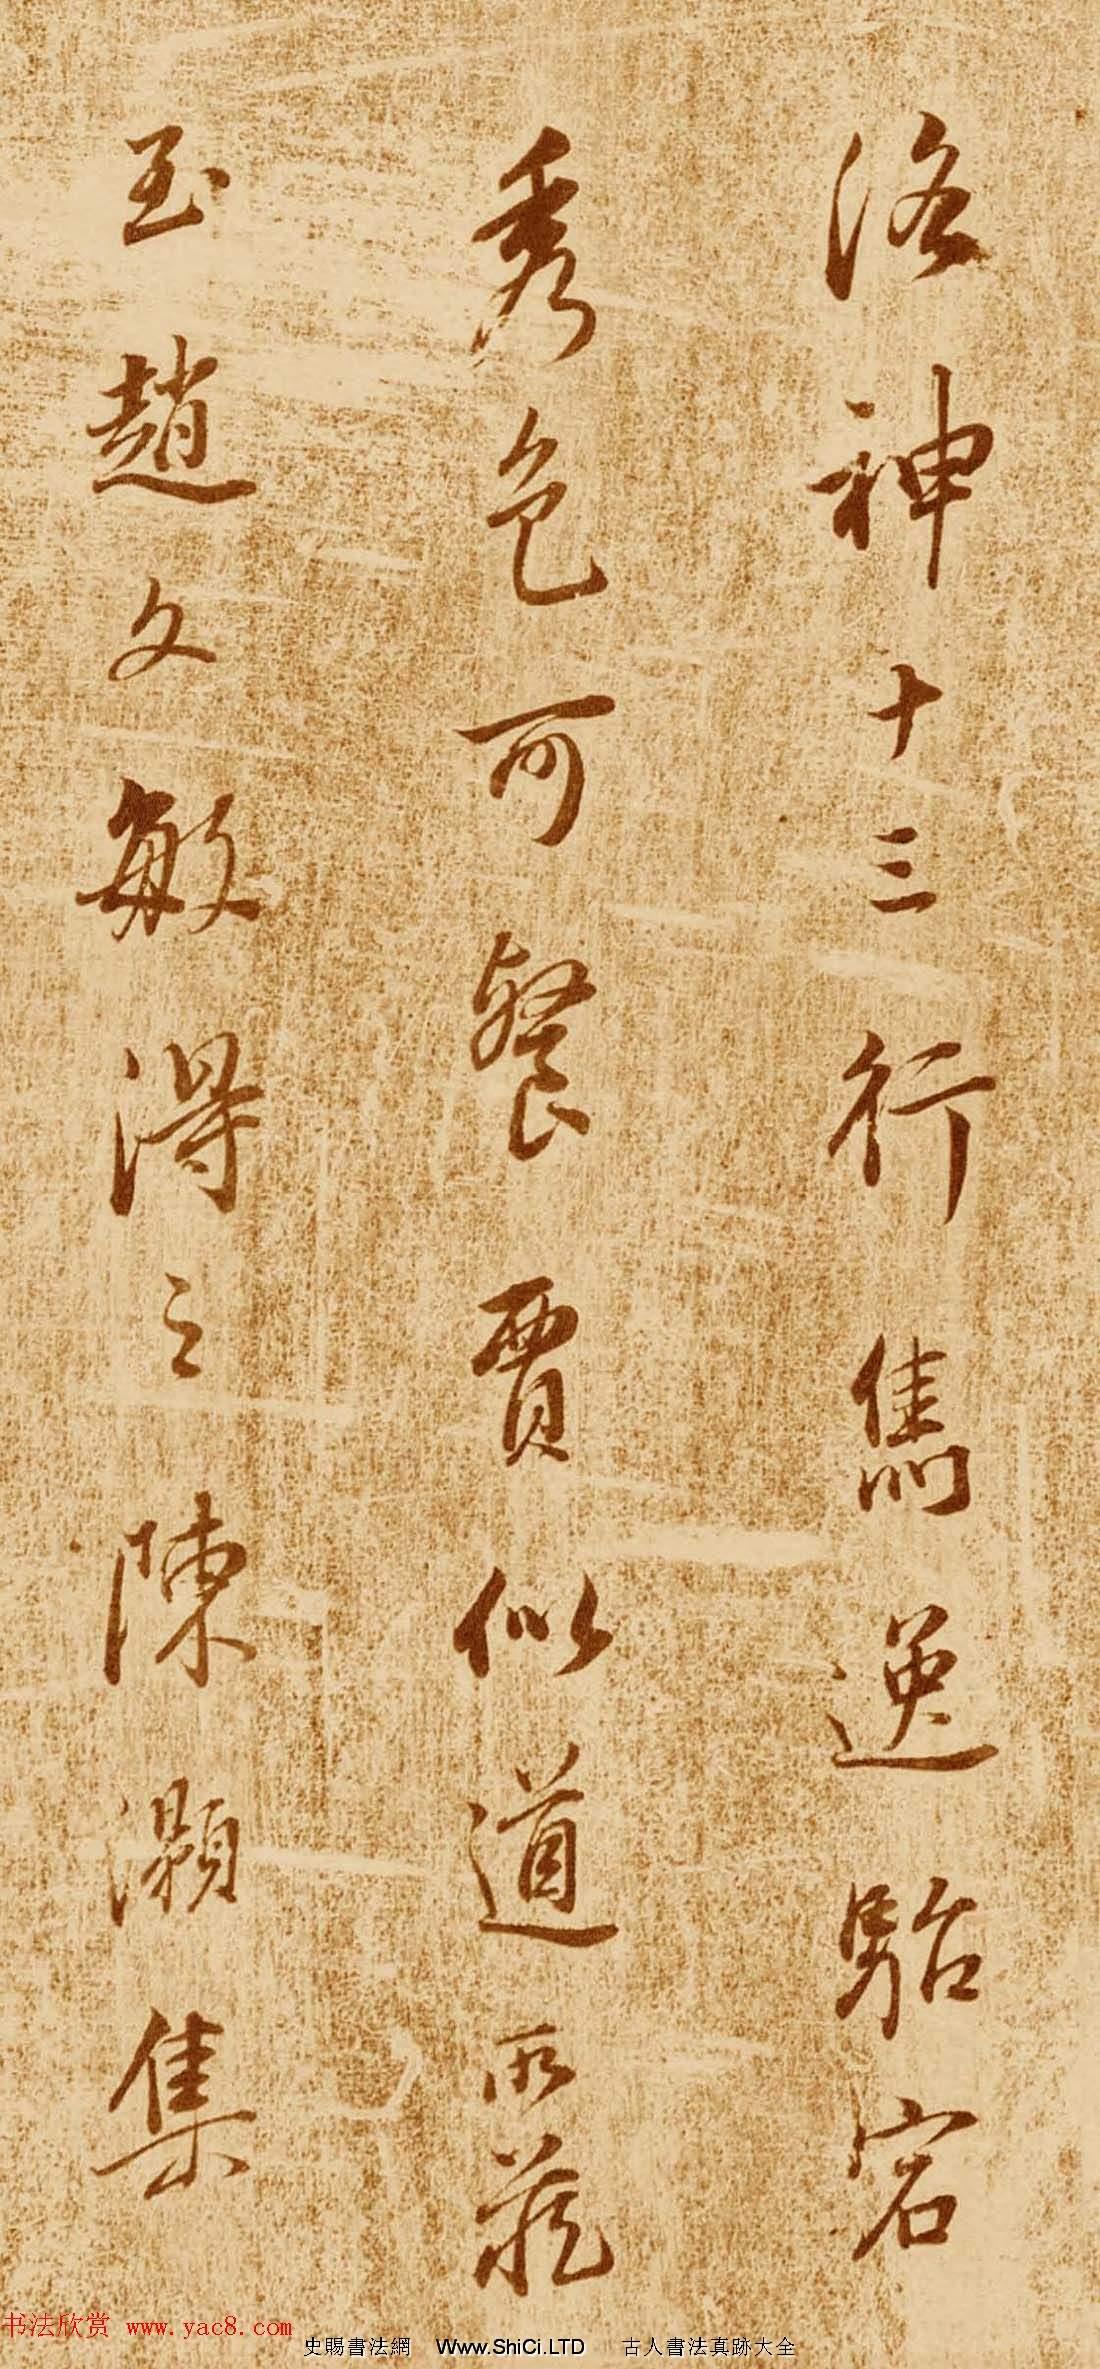 董其昌行書題跋真跡欣賞《跋王獻之洛神賦》(共5張圖片)